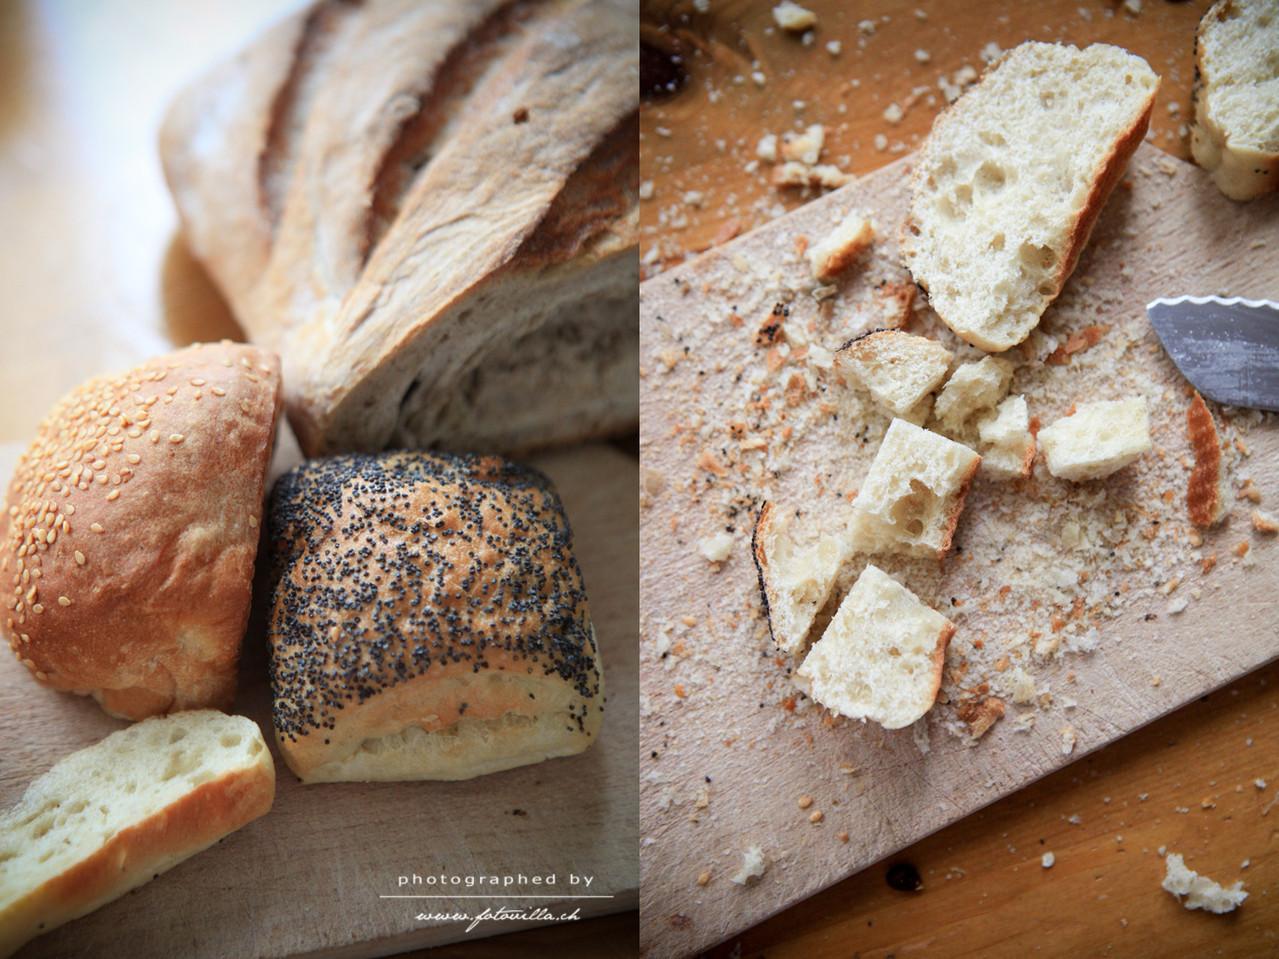 Das harte Brot hingegen schneidet besser das Mami und zwar in Würfel